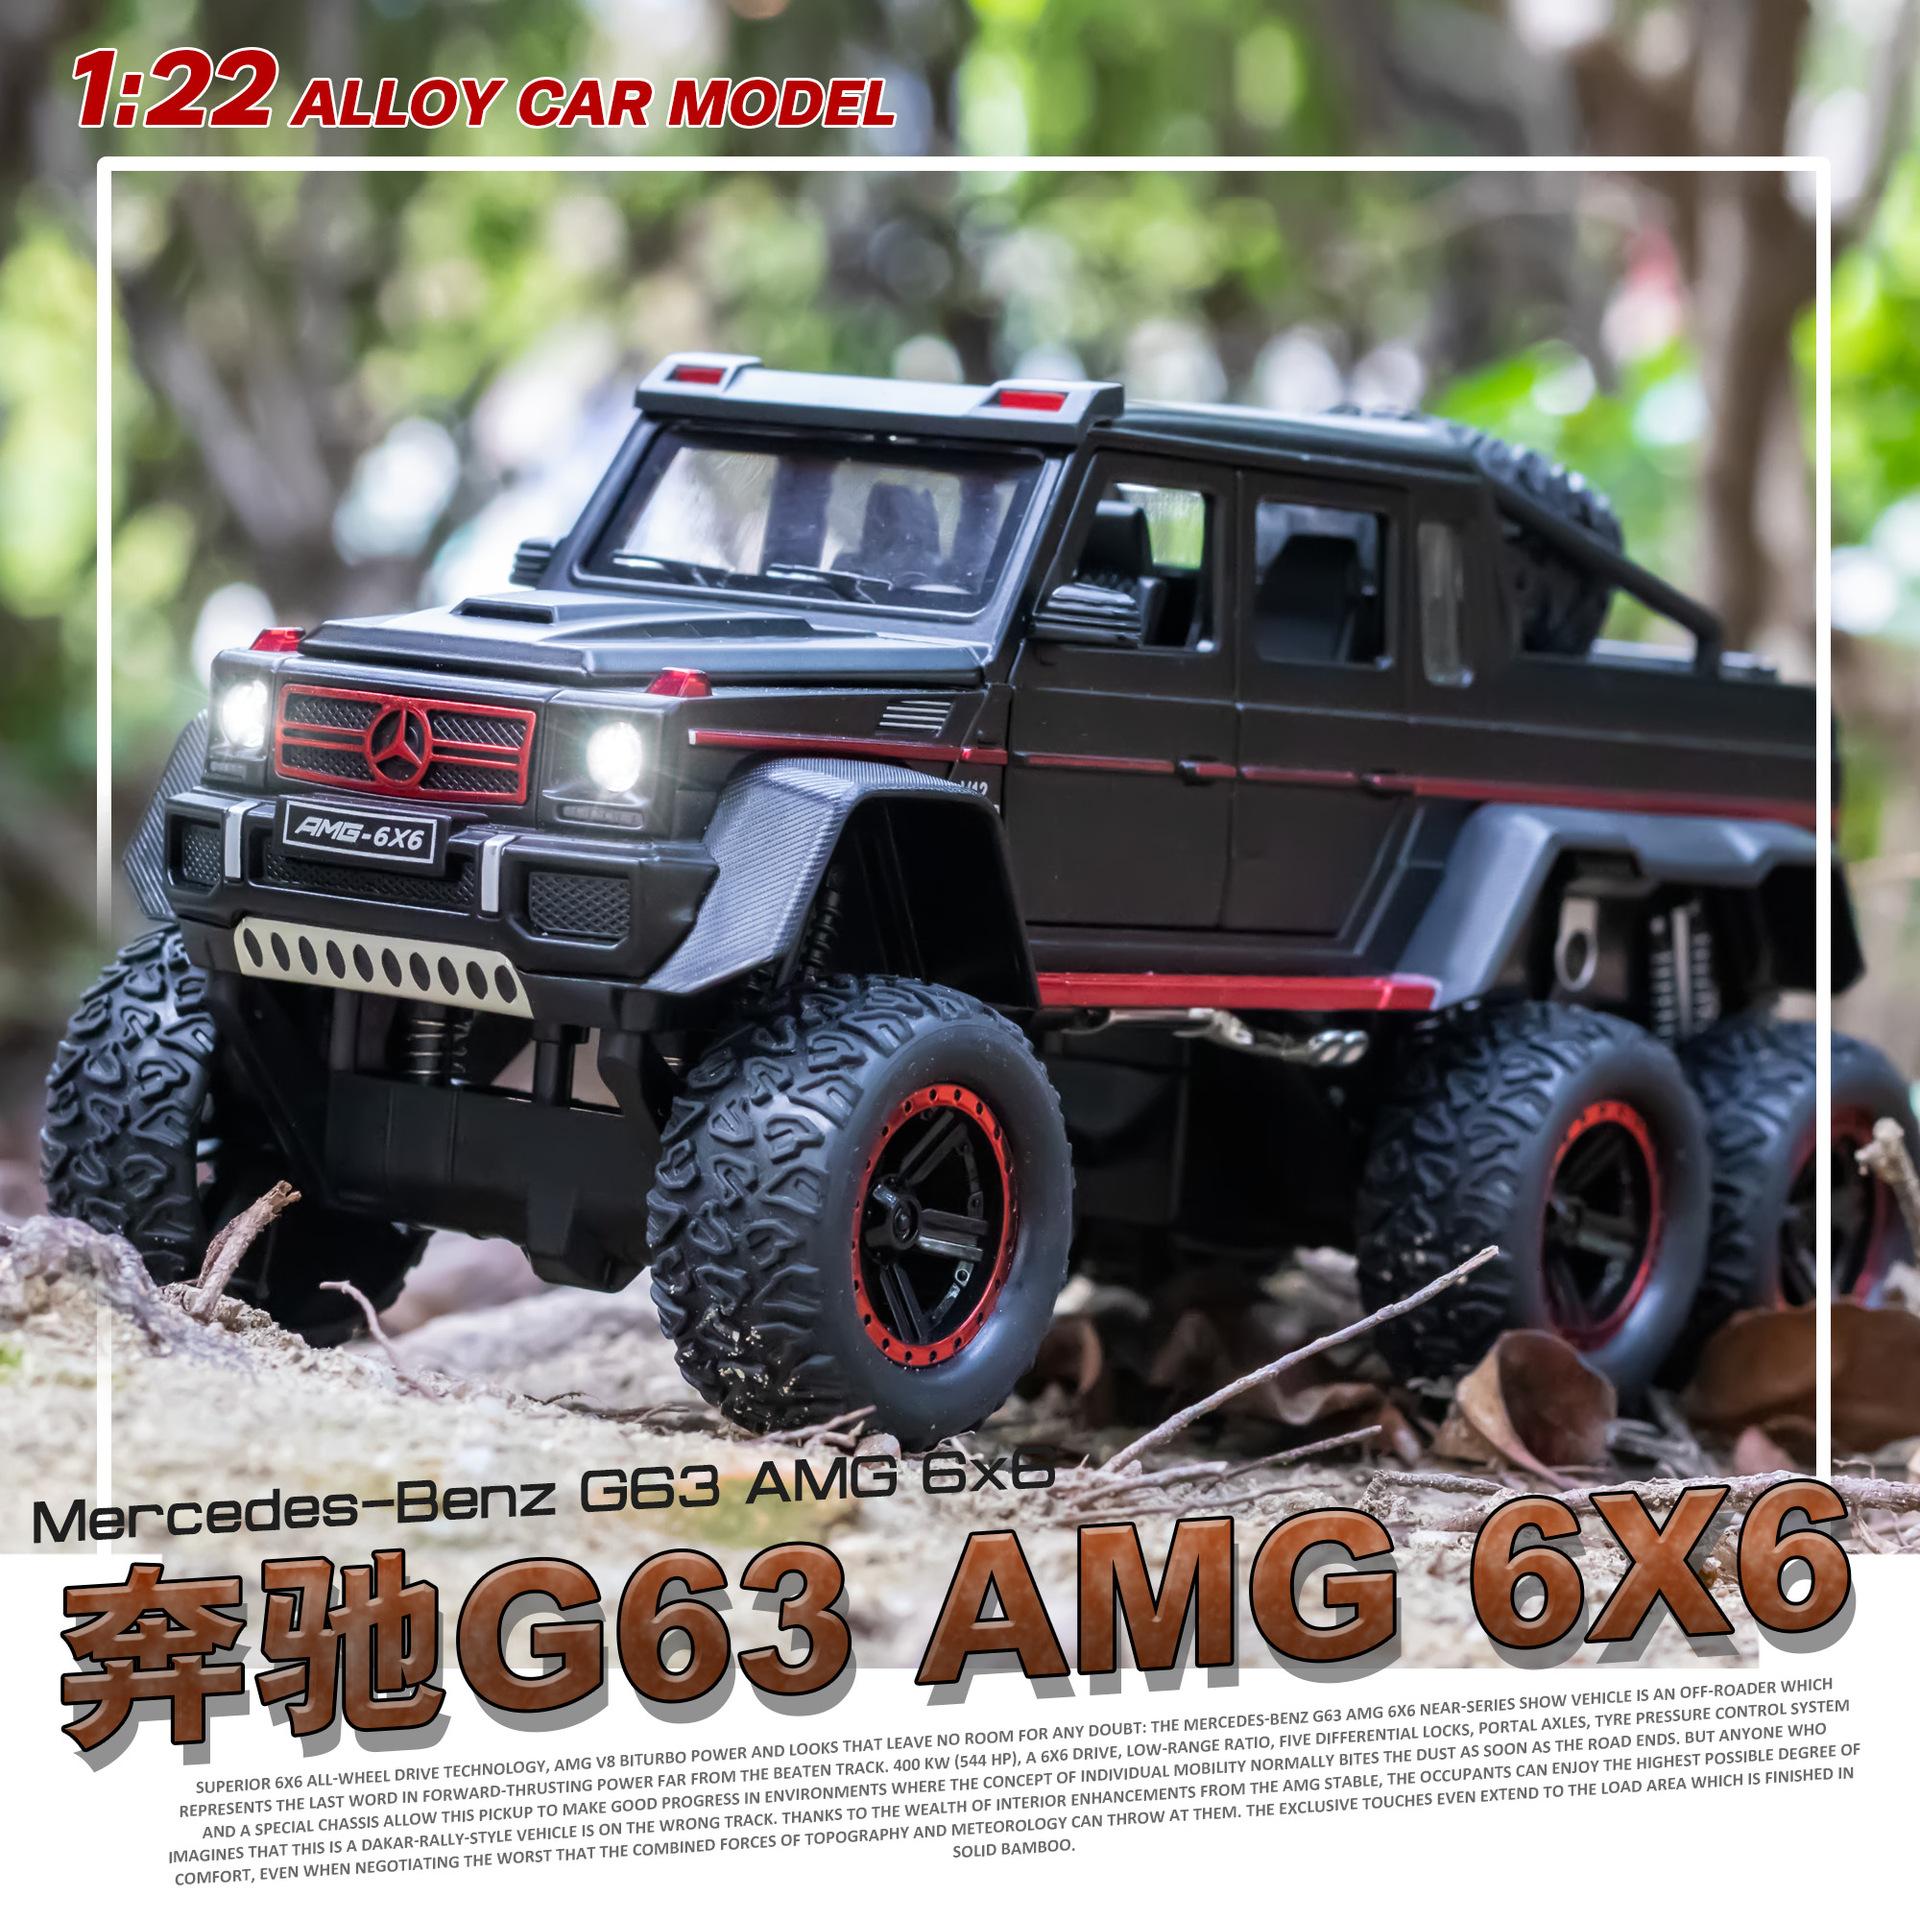 仿真1:22奔驰6x6合金车模带避震声光回力合金玩具越野车模型摆件